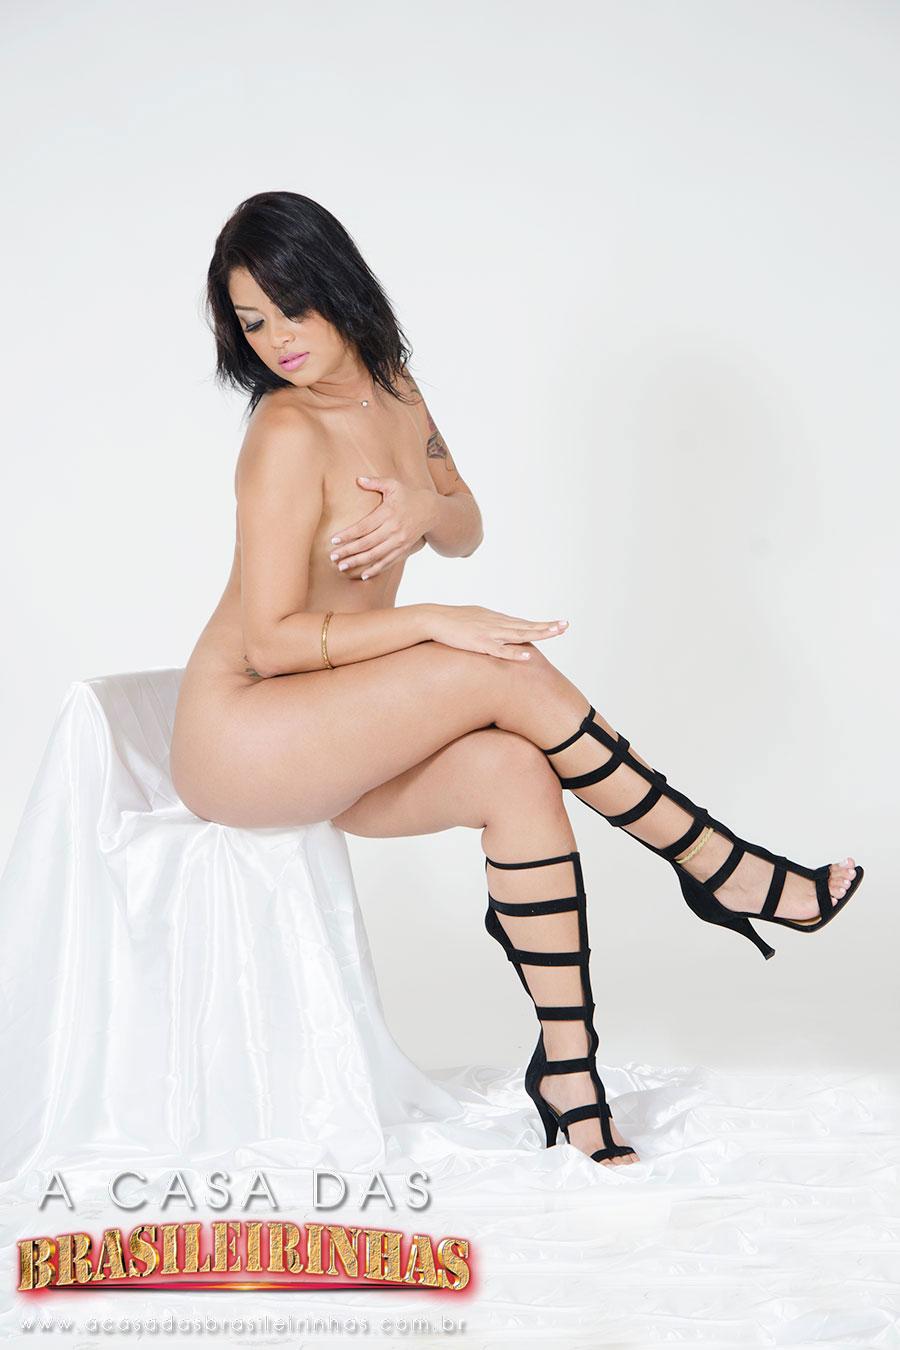 juju-rangel-sentada-muito-sexy-com-a-mao-no-peitinho.jpg